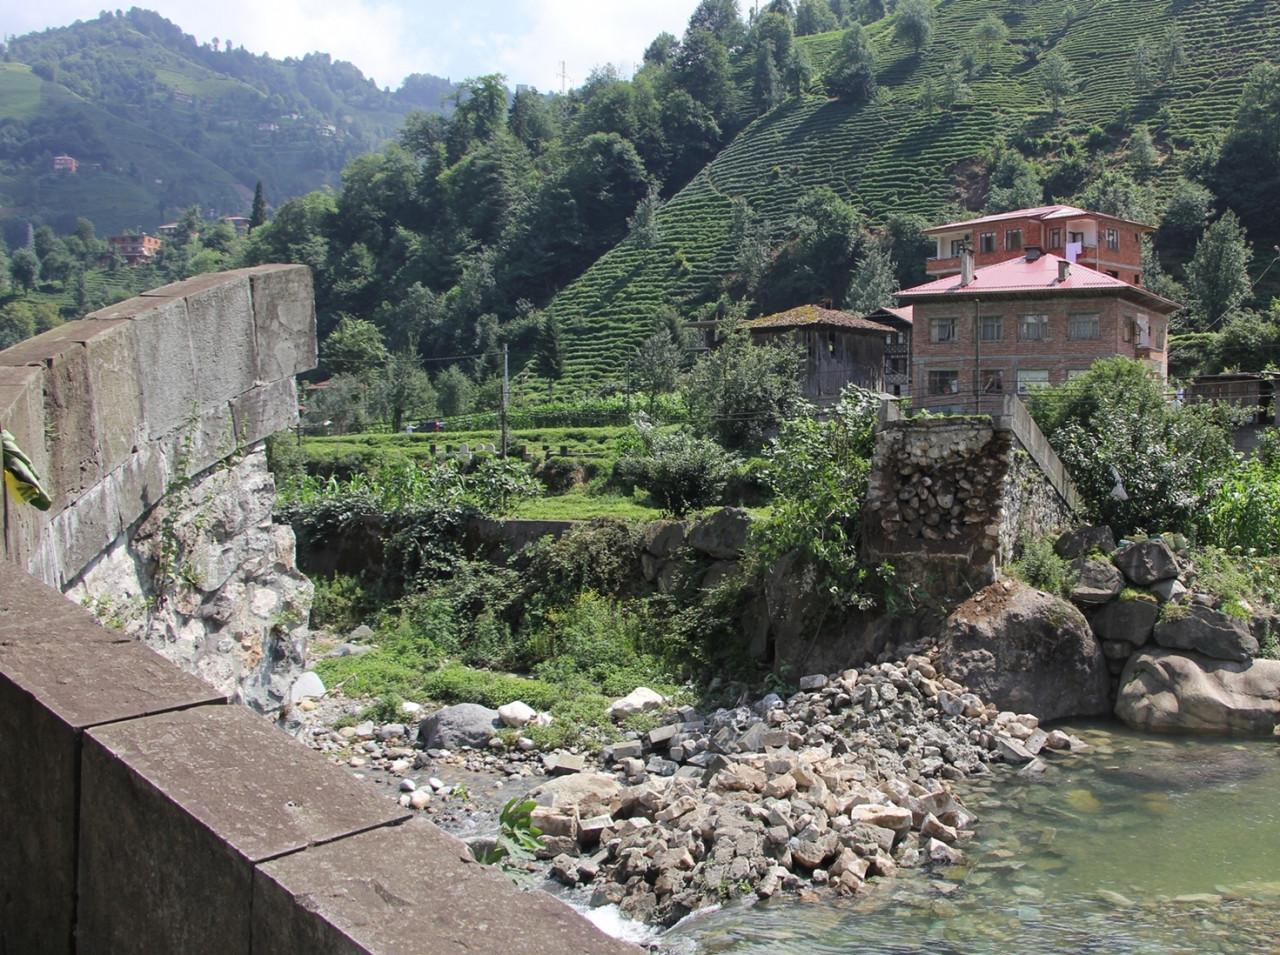 Bu manzara artık yok 300 yıllık taş köprü çöktü